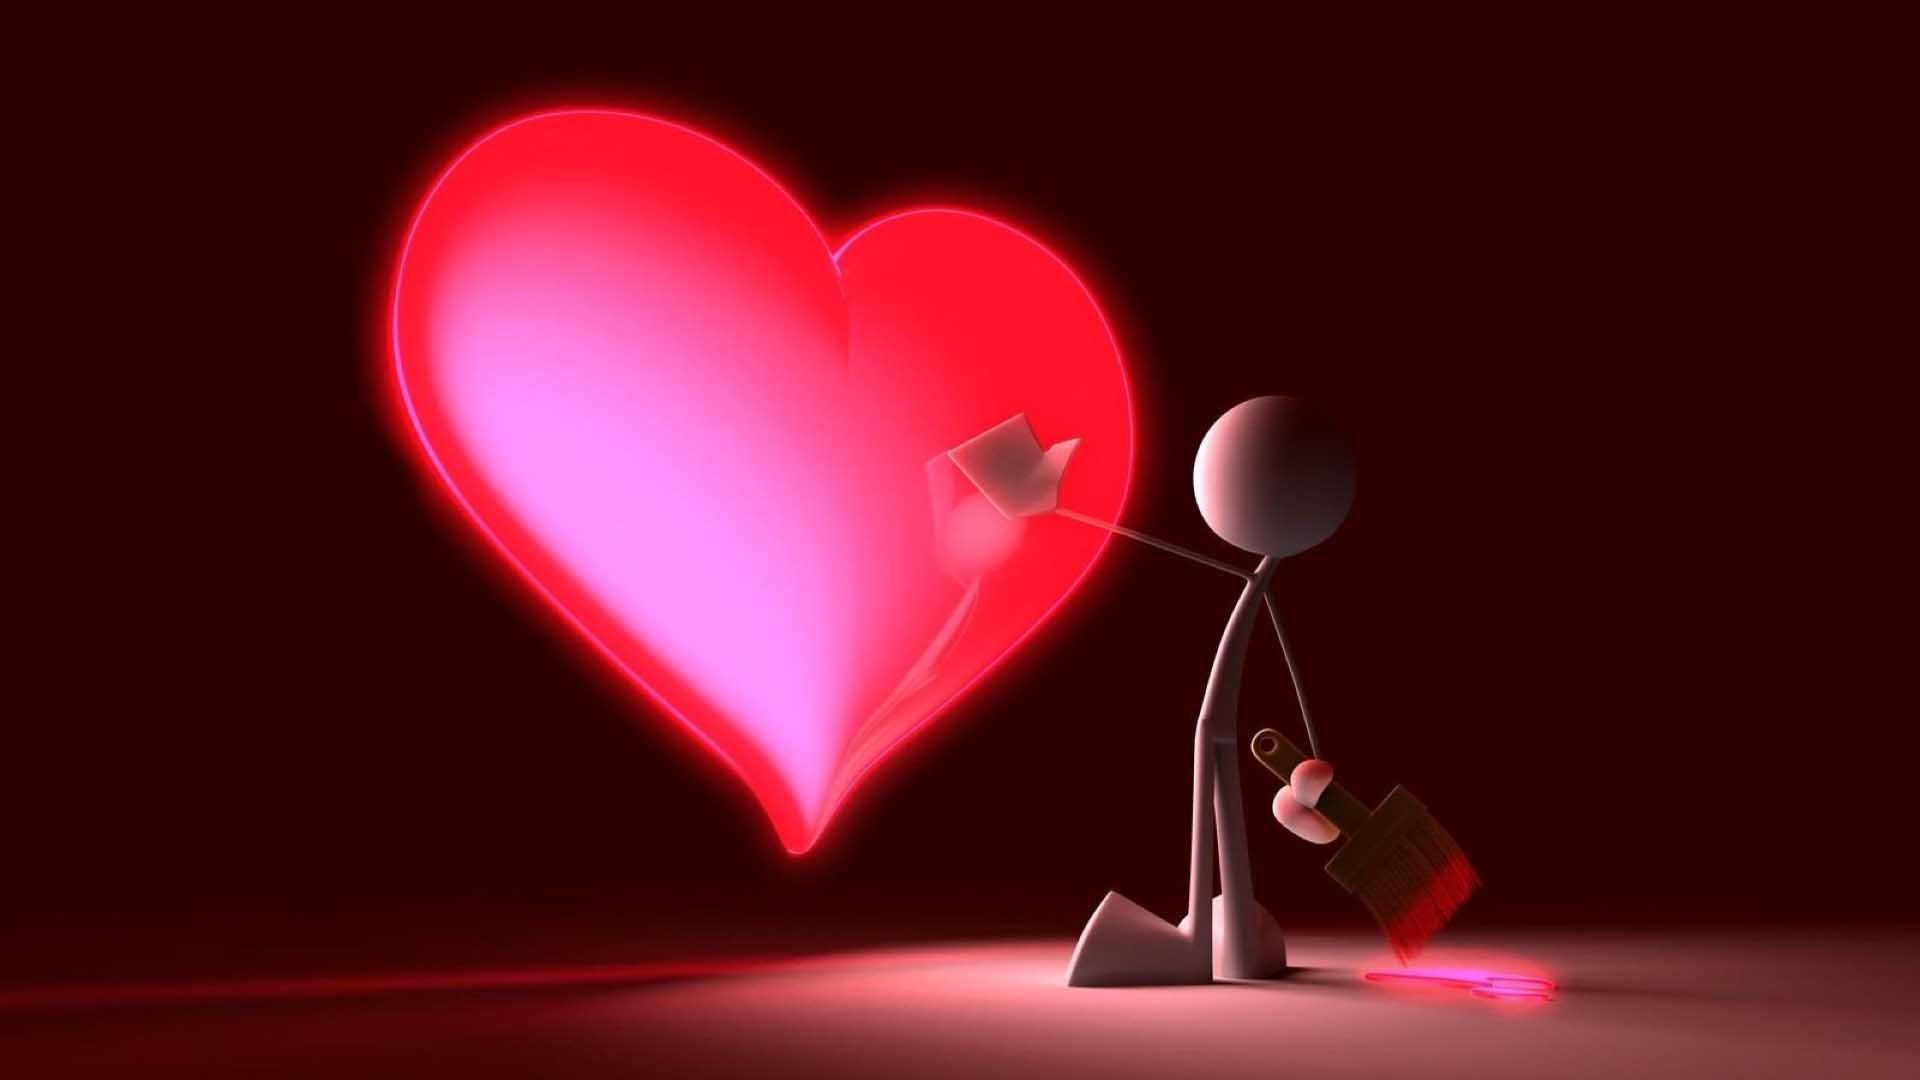 ảnh hình trái tim đẹp